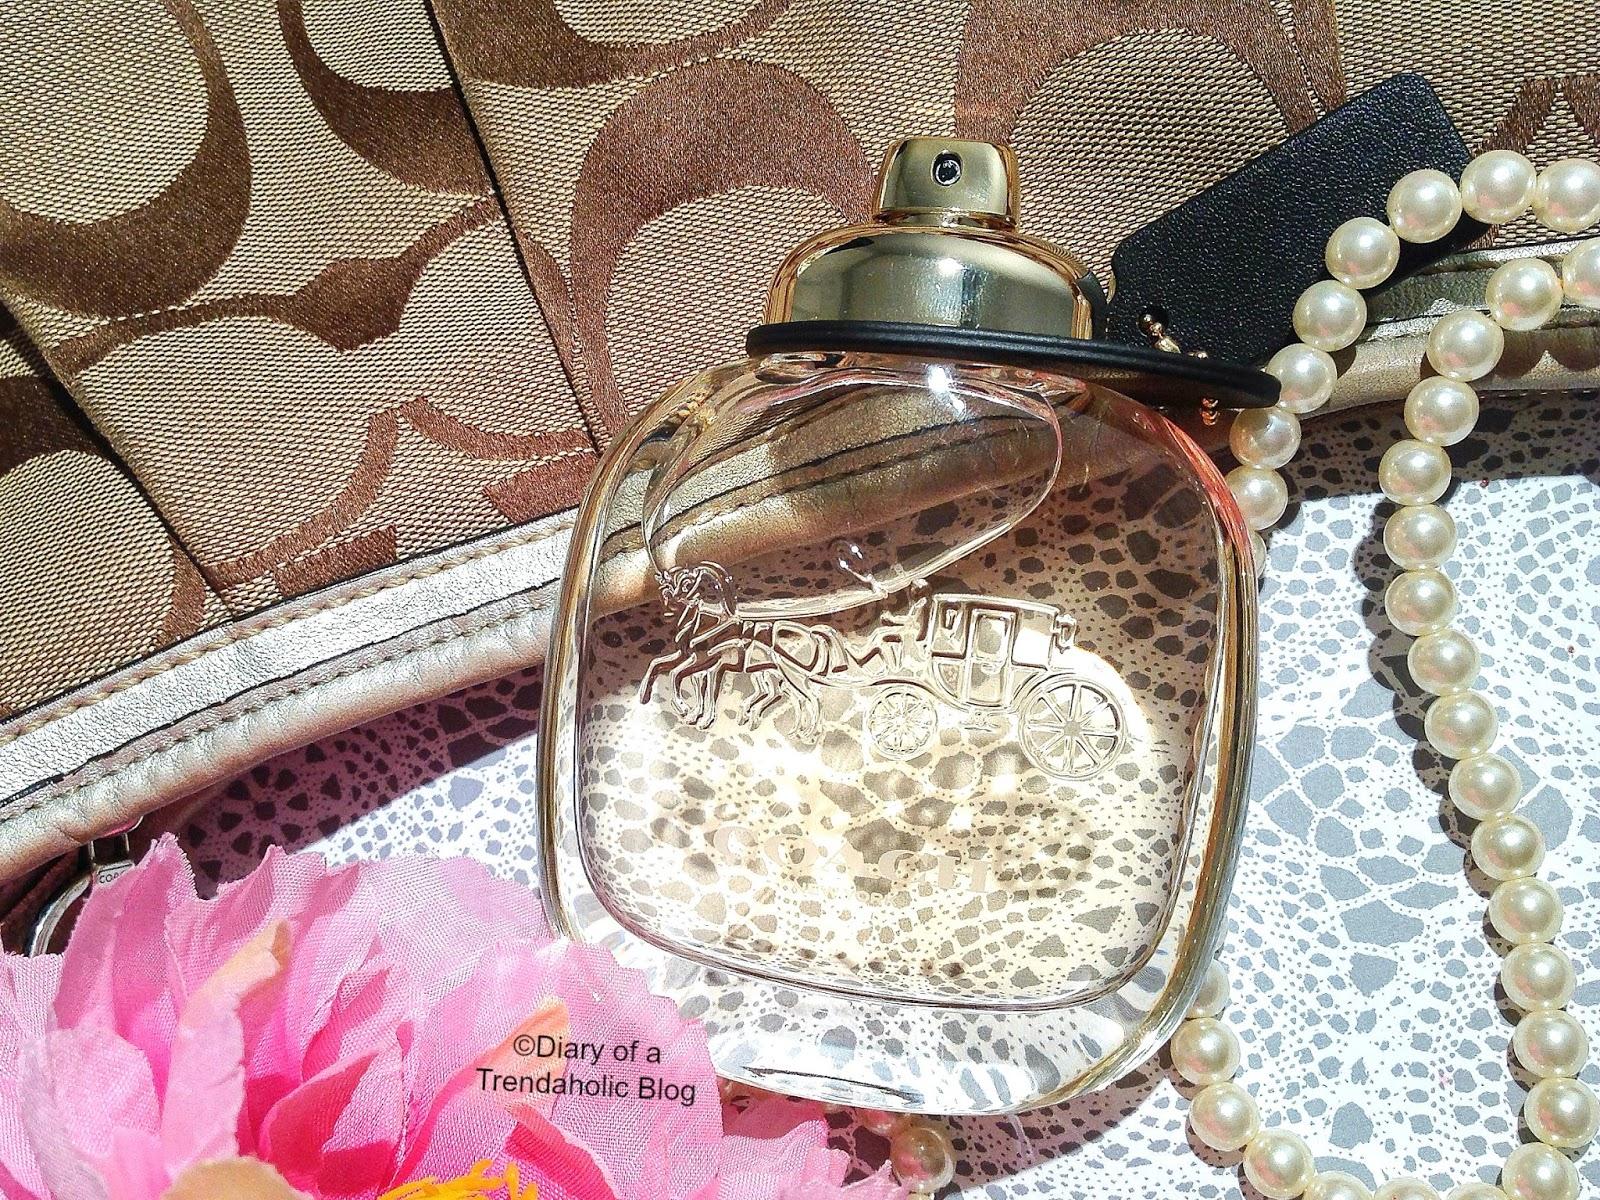 Diary Of A Trendaholic Coach New York Eau De Parfum Review